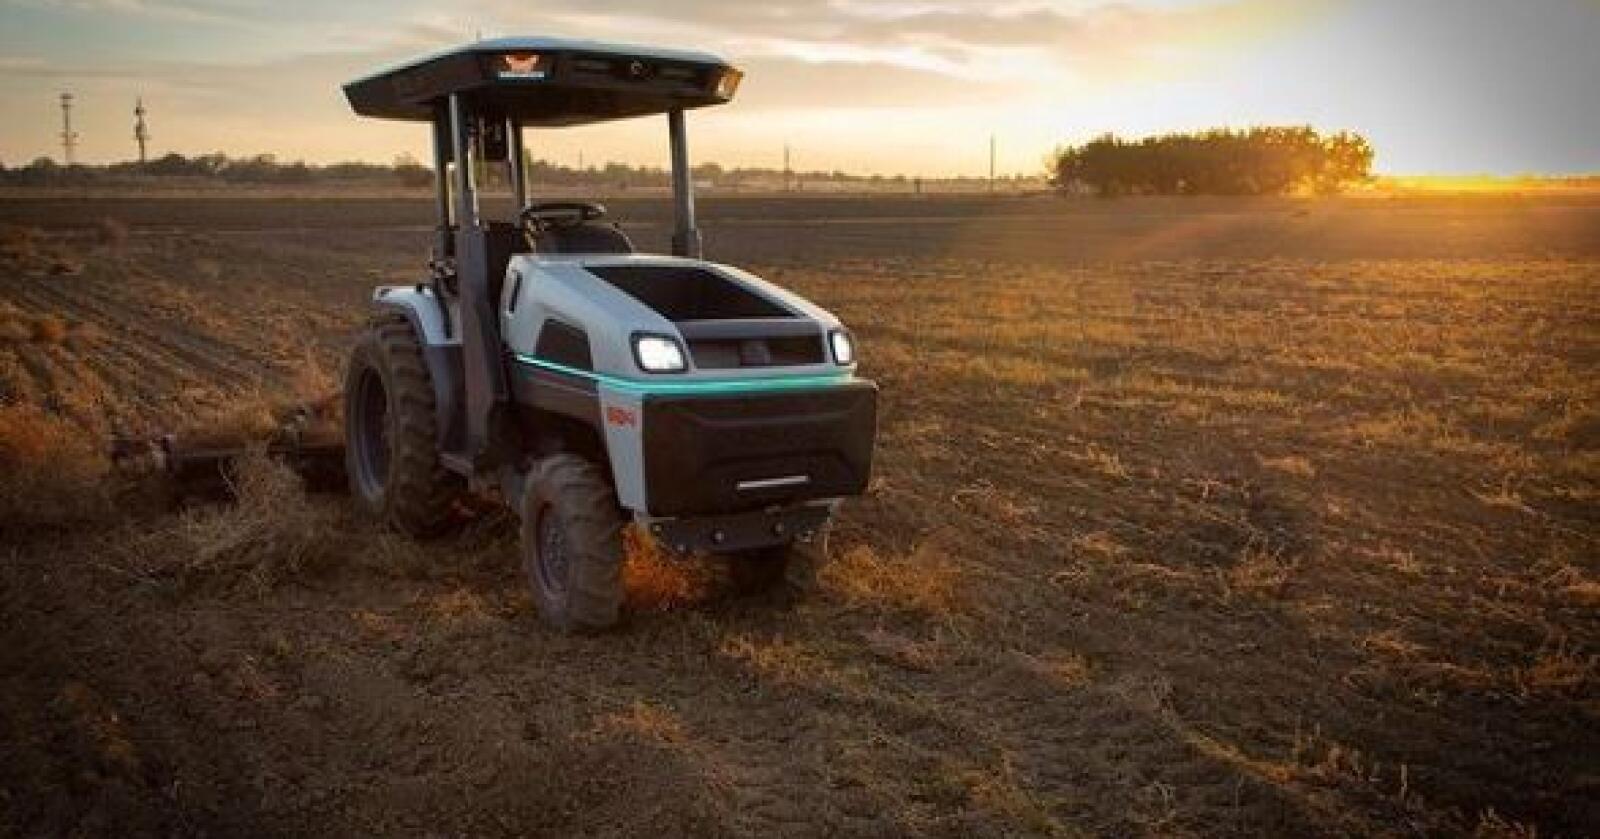 Autonom: Monarch har utviklet en selvkjørende, helt elektrisk traktor. Nå kjøper CNH seg inn i selskapet.